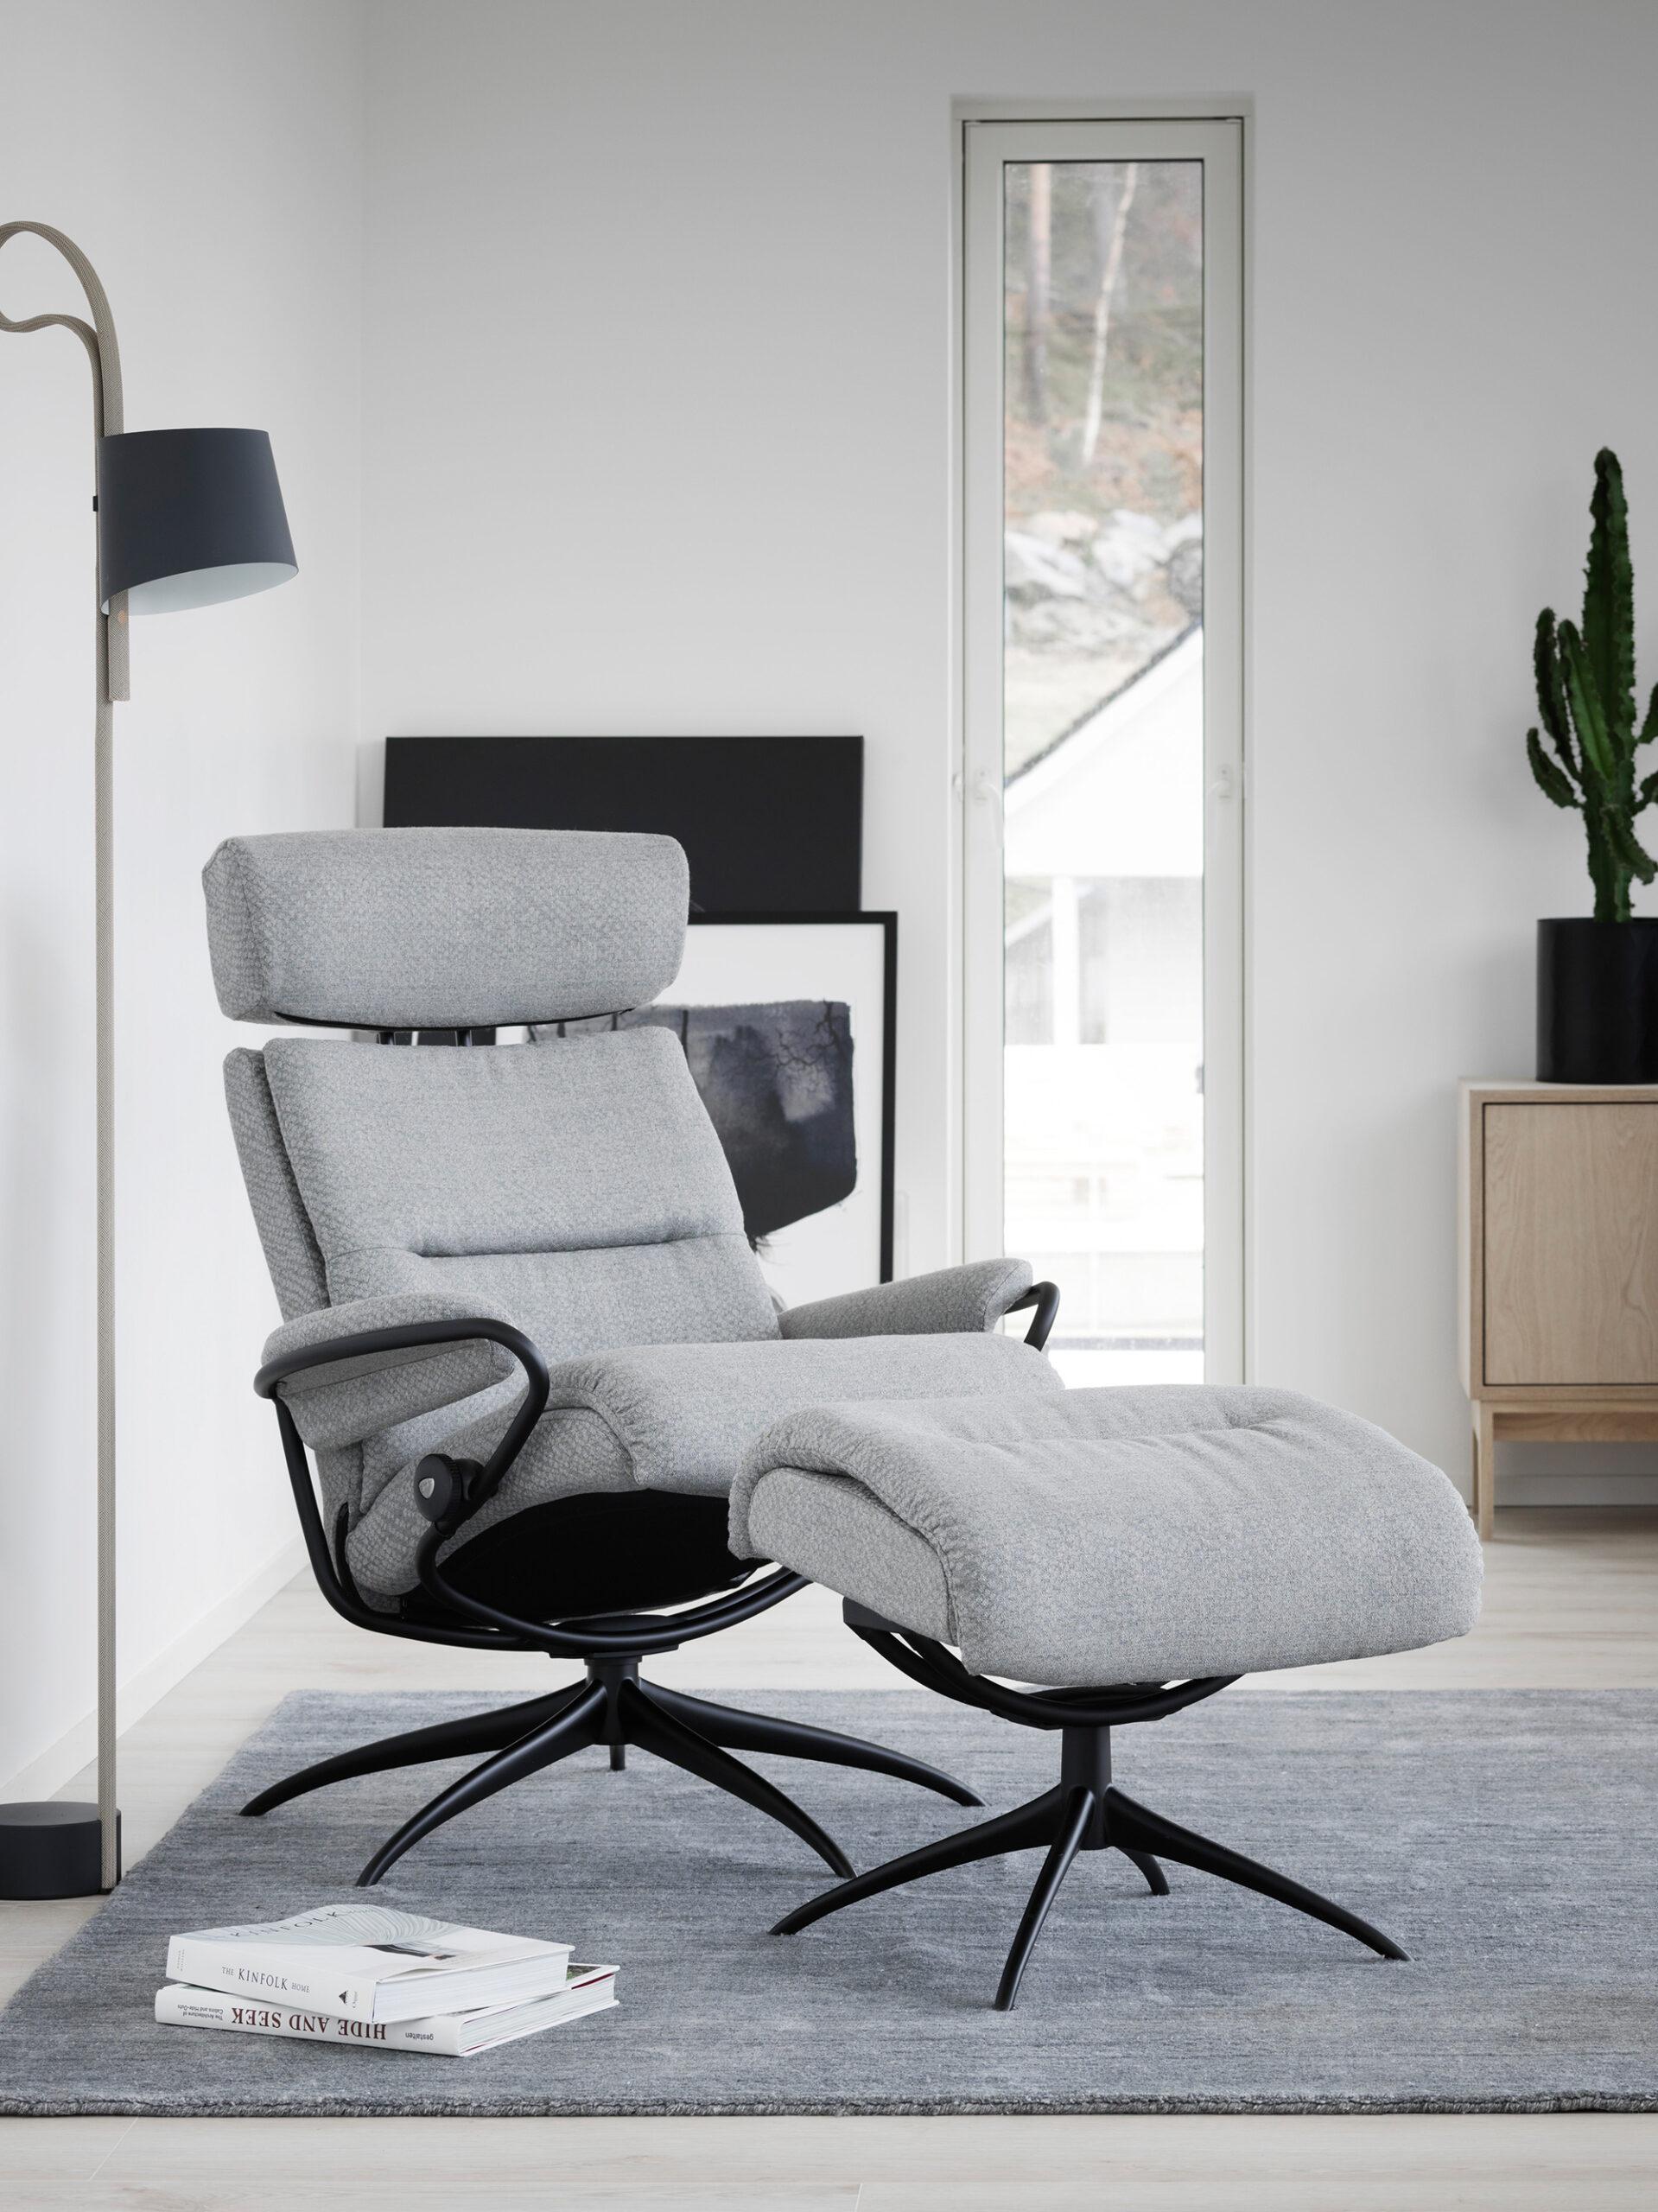 Beim Leseecke einrichten könnt ihr ganz eurem persönlichen Stil folgen und euren Stressless Tokyo Sessel individuell auswählen.